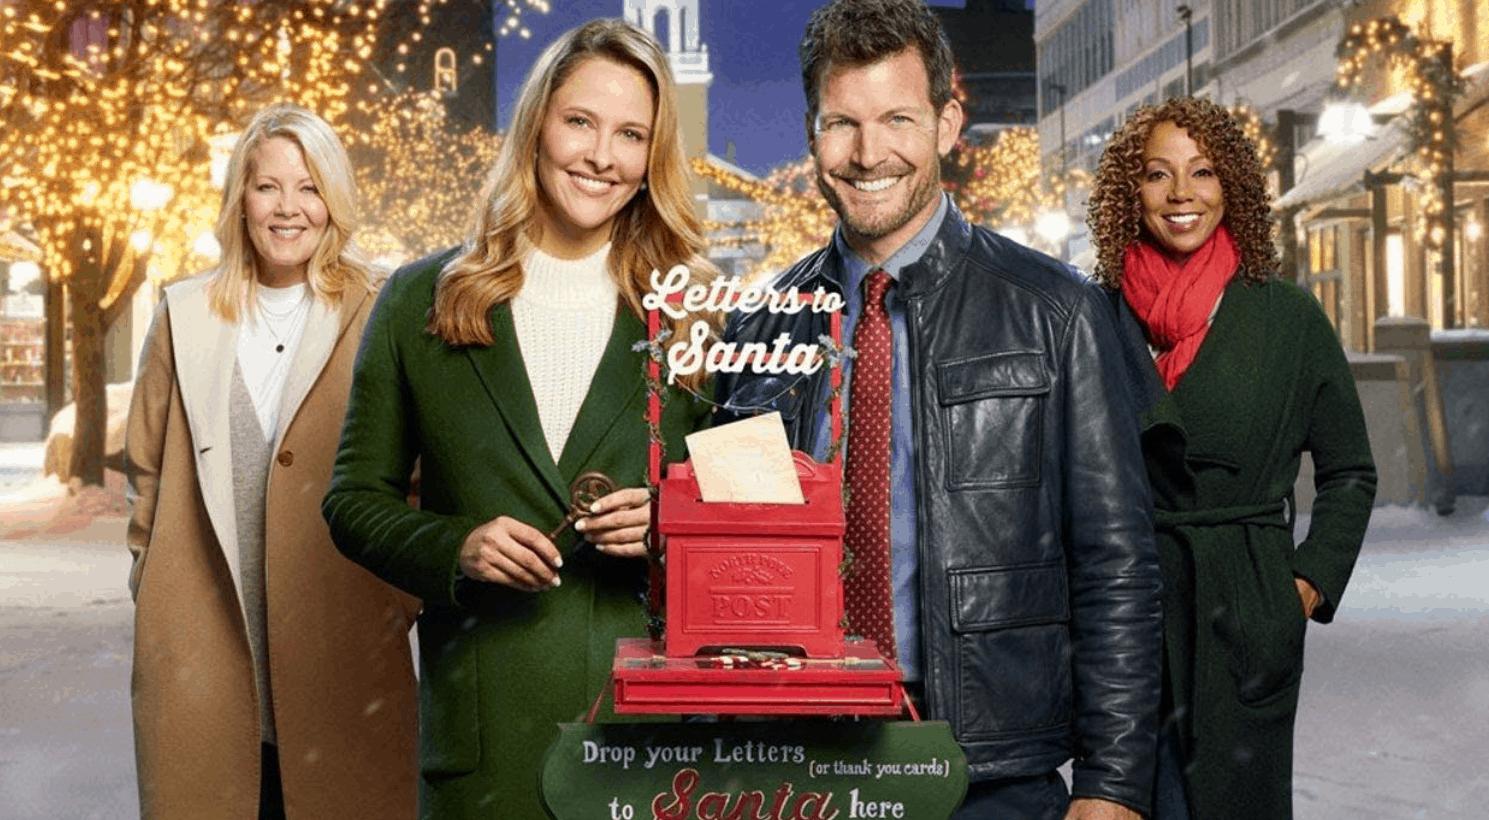 Film di Natale in tv, Natale a Evergreen-La lettera perduta su Rai 2: la trama